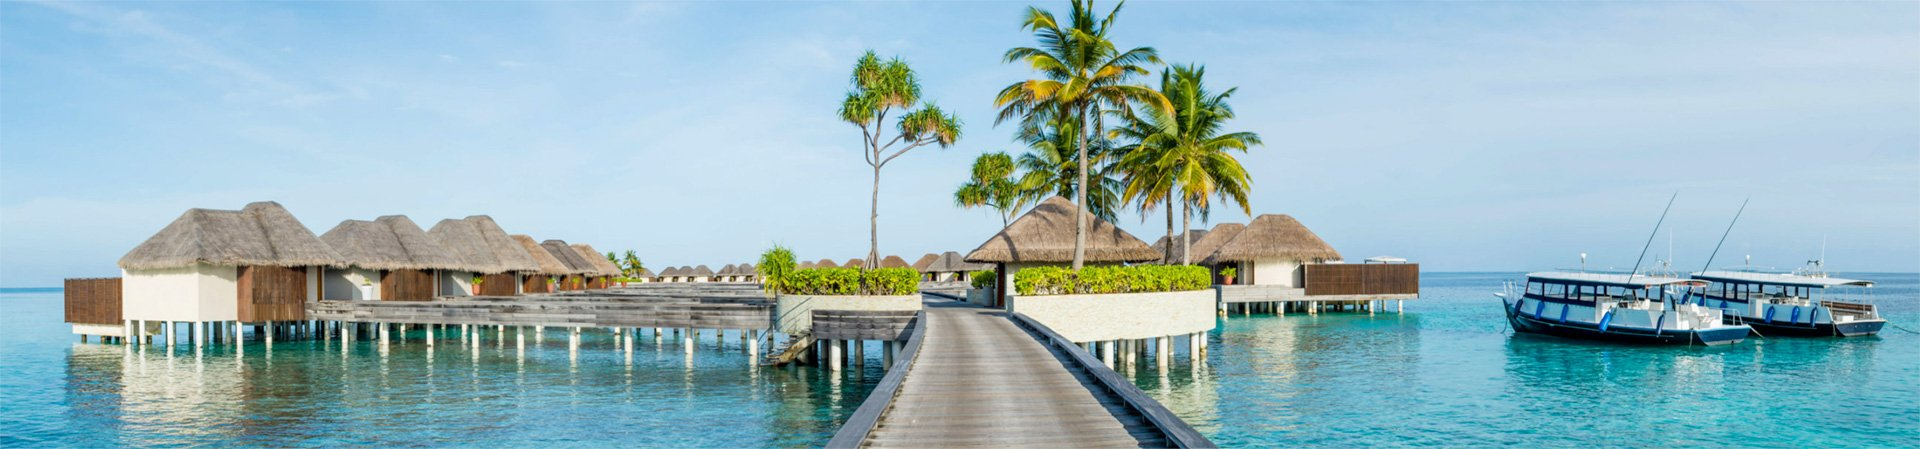 Panorama of Maldives